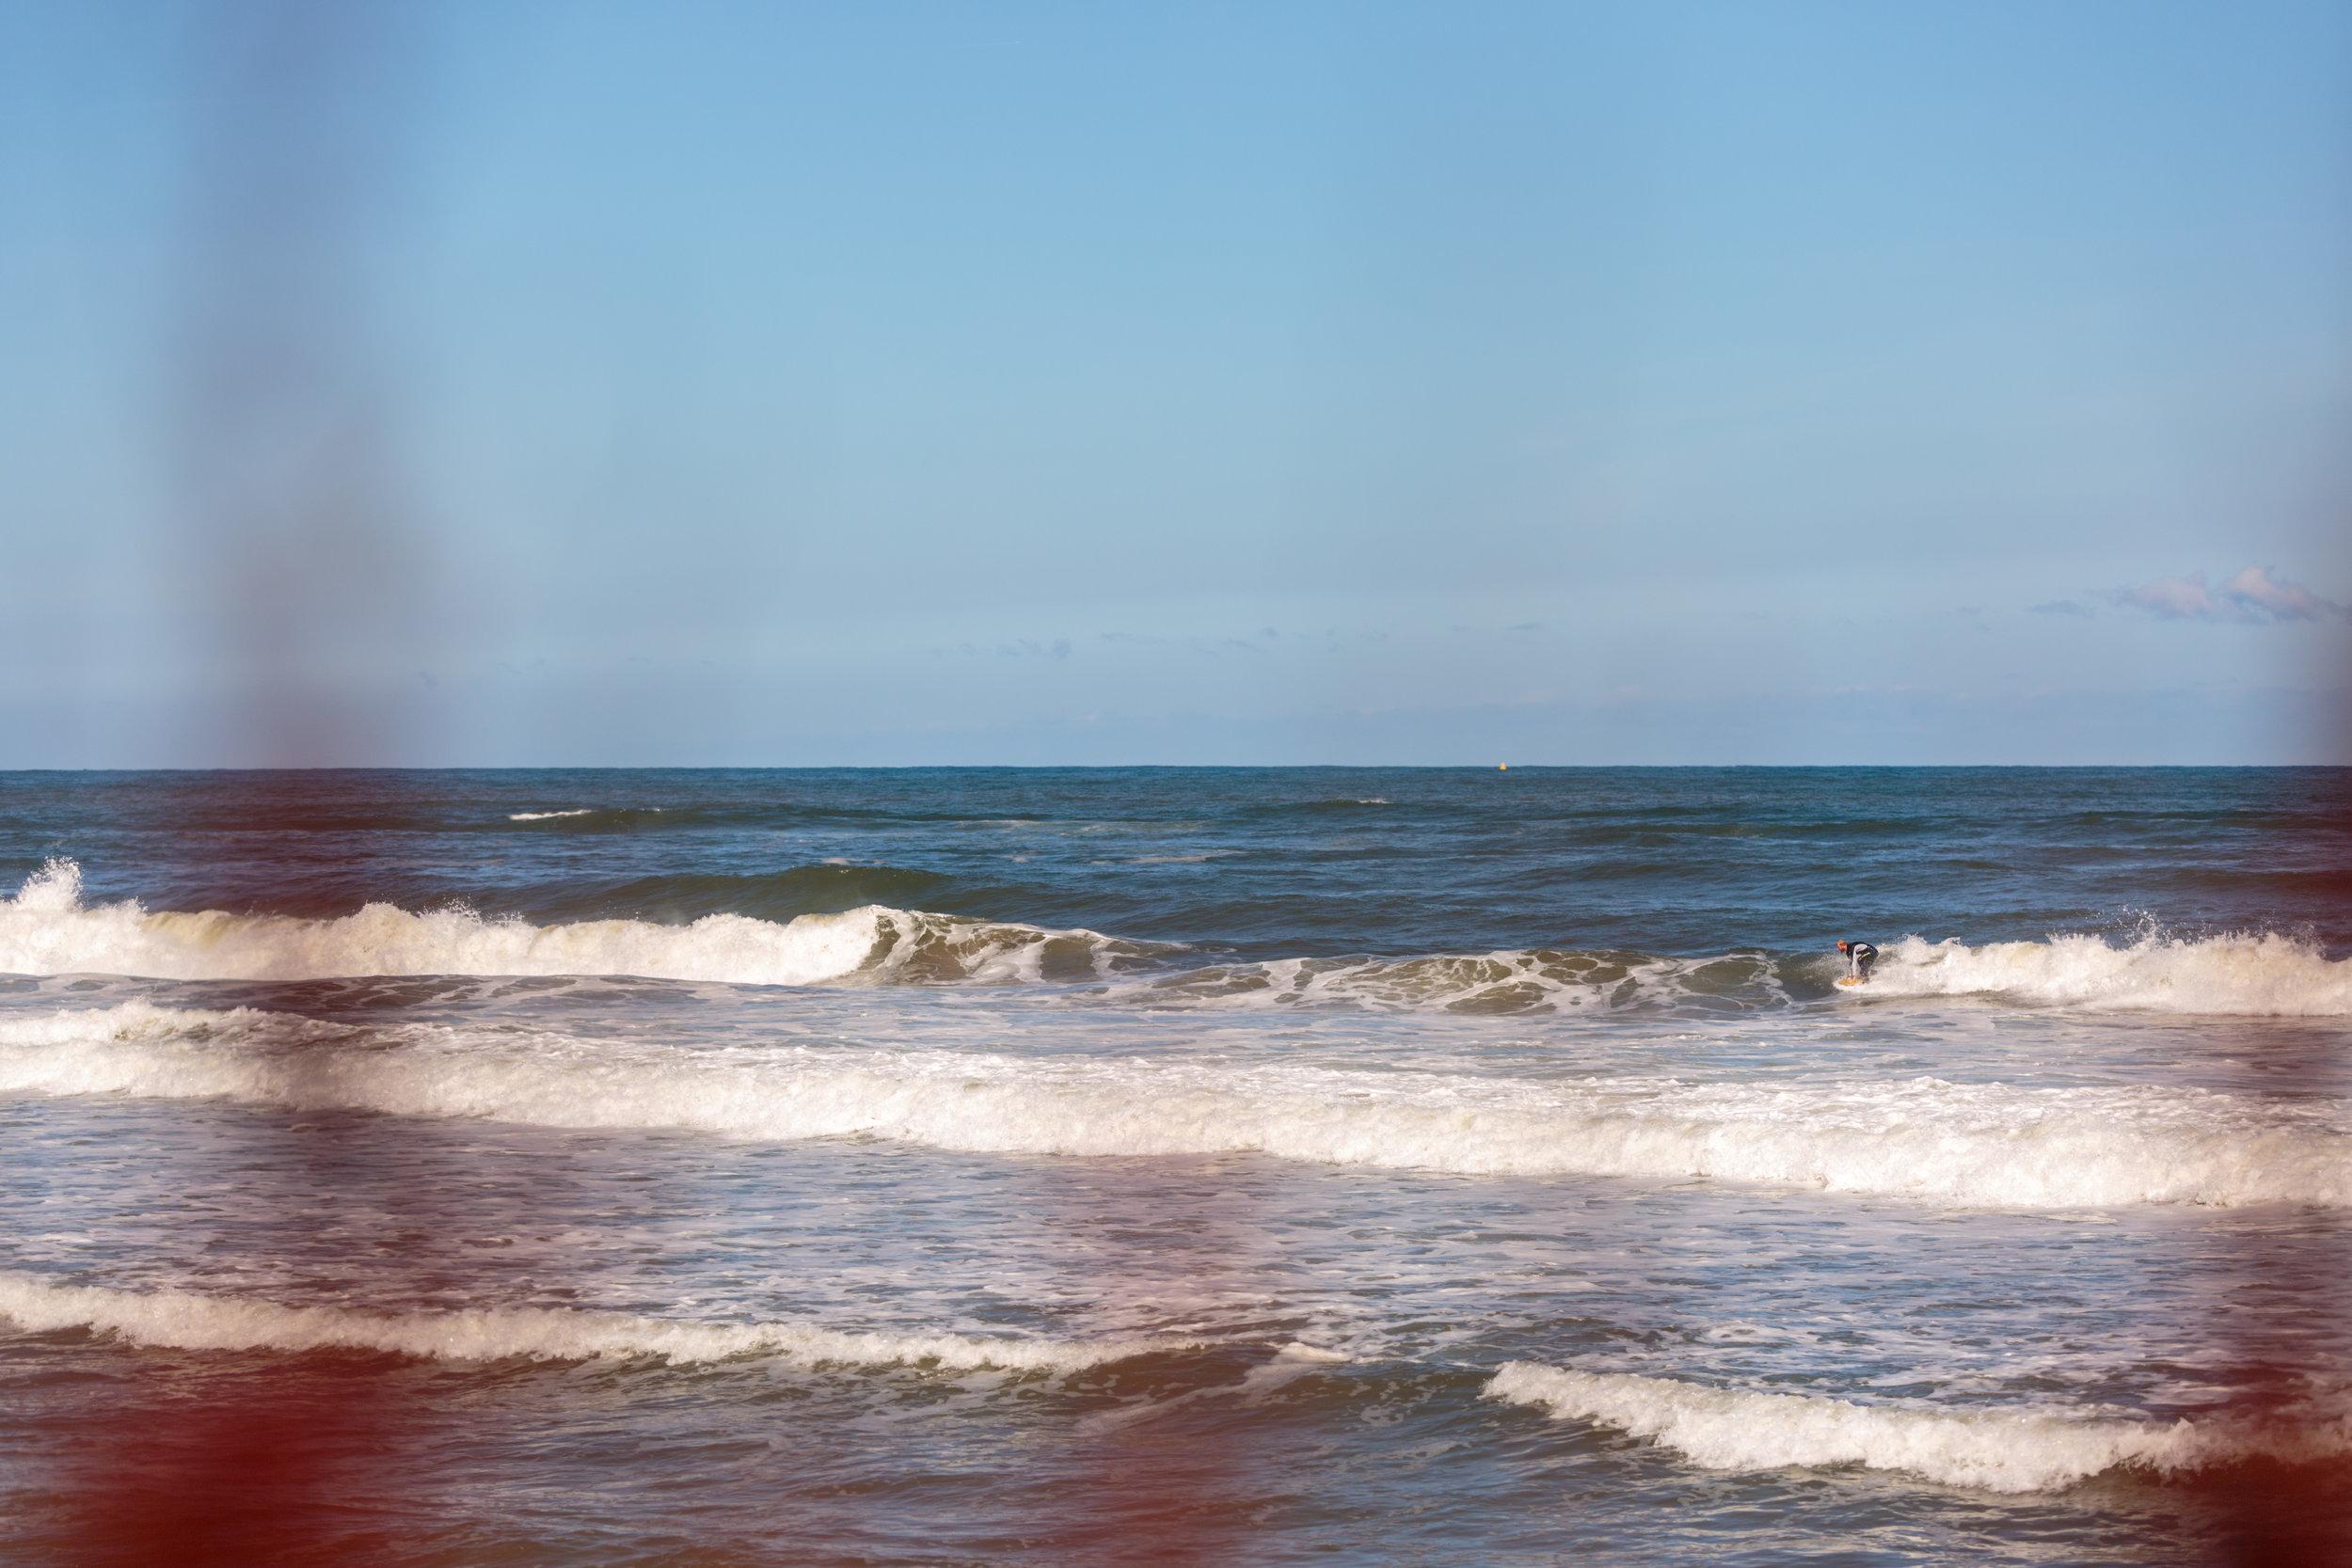 Rich gets to drop knee in the bit open ocean.